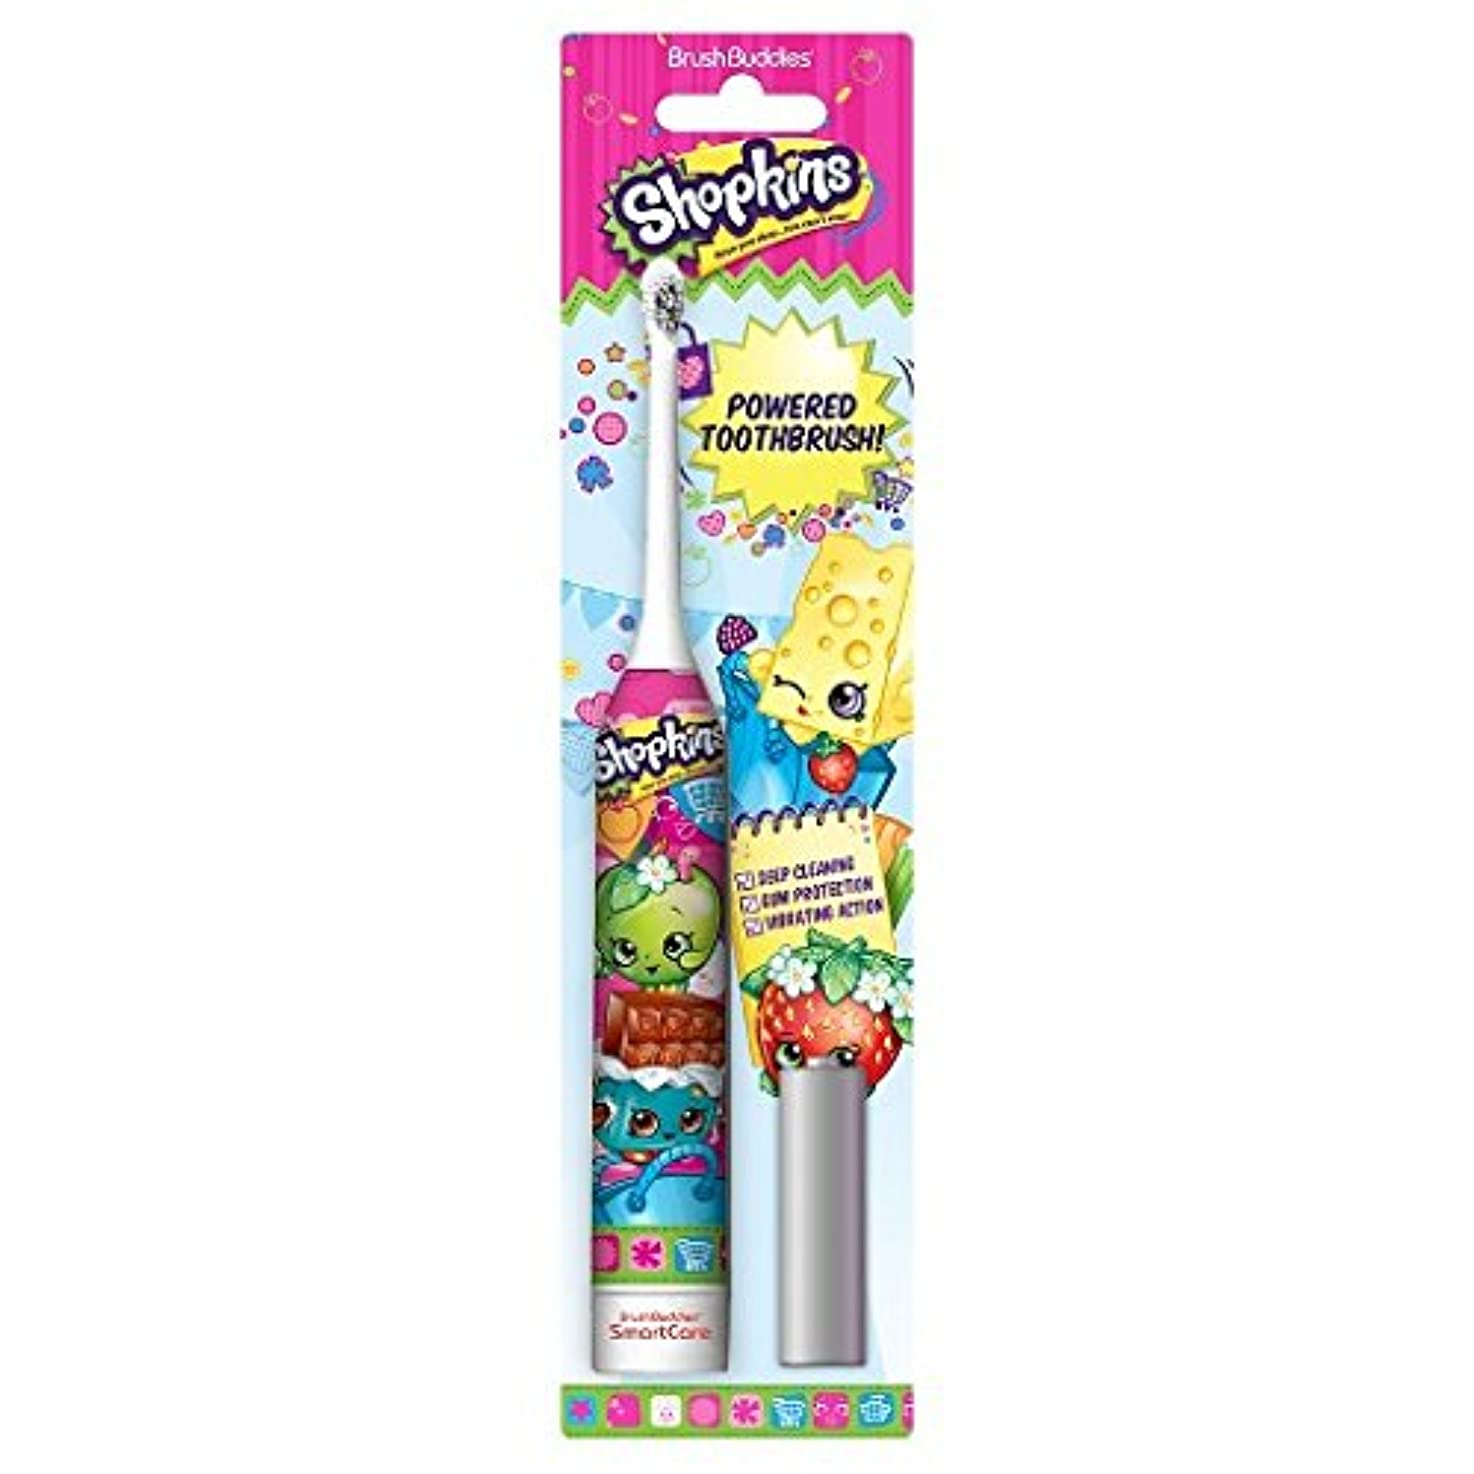 階下ブレスサバントBrush Buddies Shopkins Sonic Powered Toothbrush ソニックパワード電動歯ブラシ [並行輸入品]